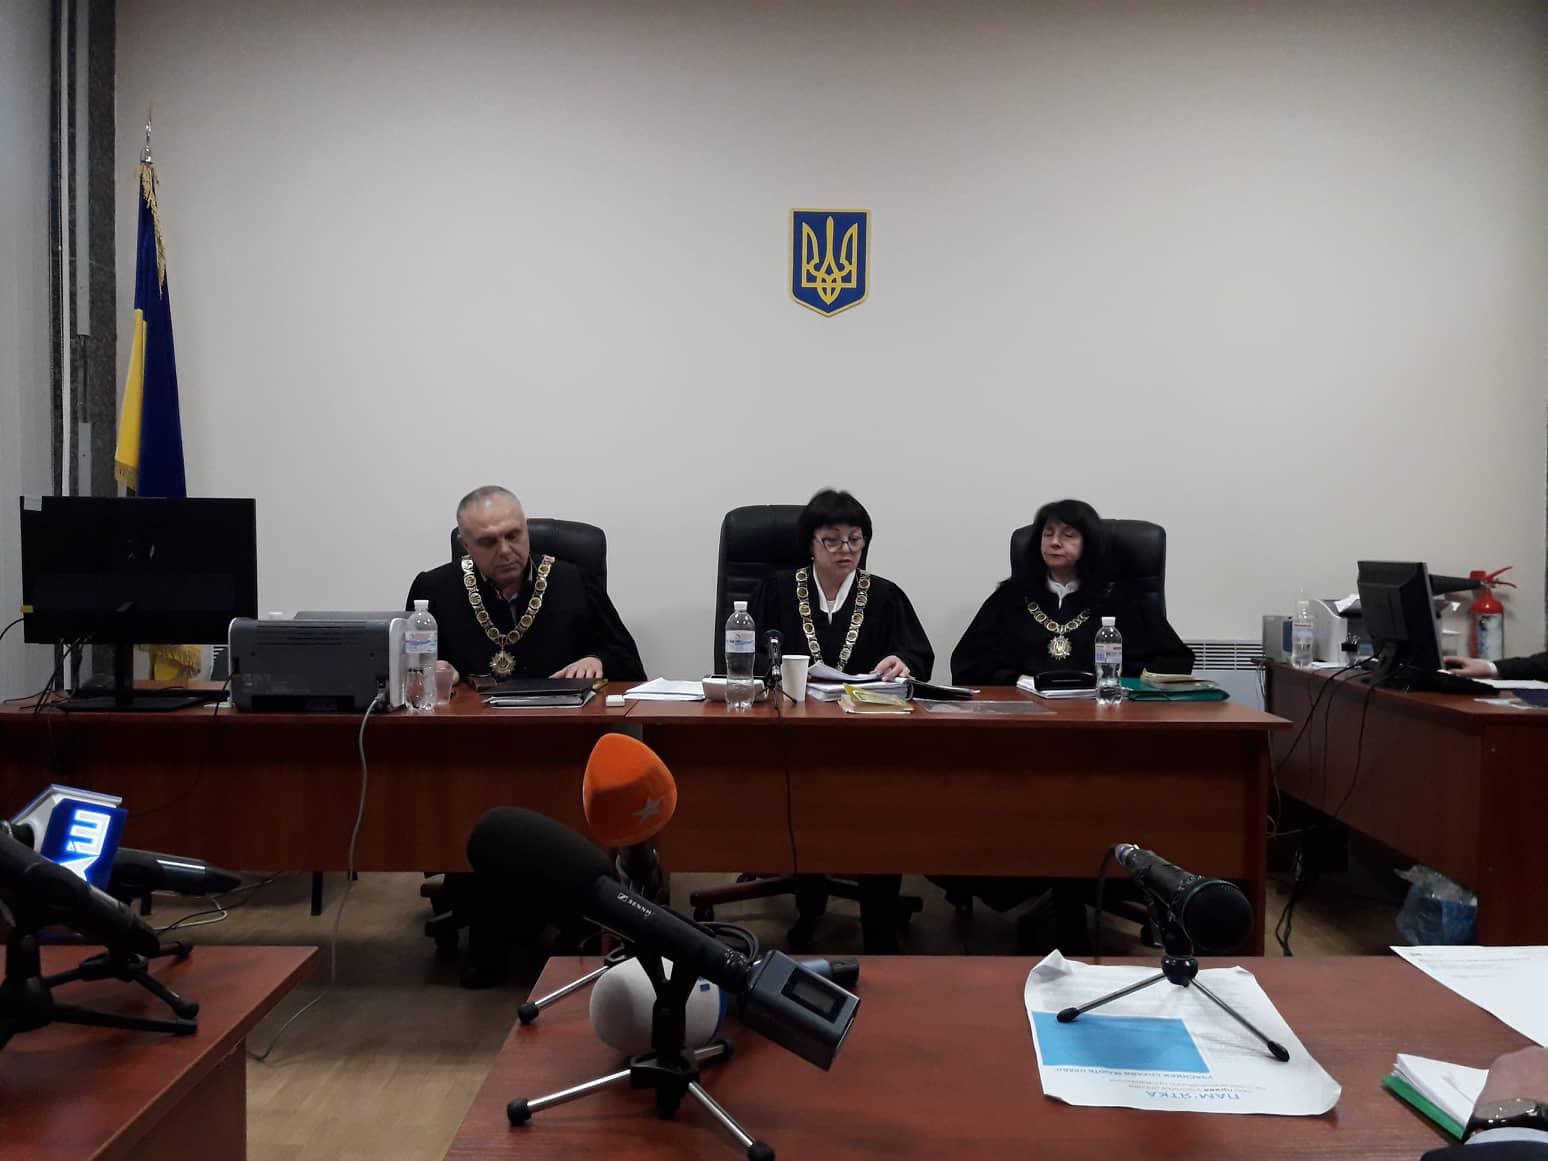 Юлія Тимошенко оскаржує в суді незаконну агітацію з боку Порошенка